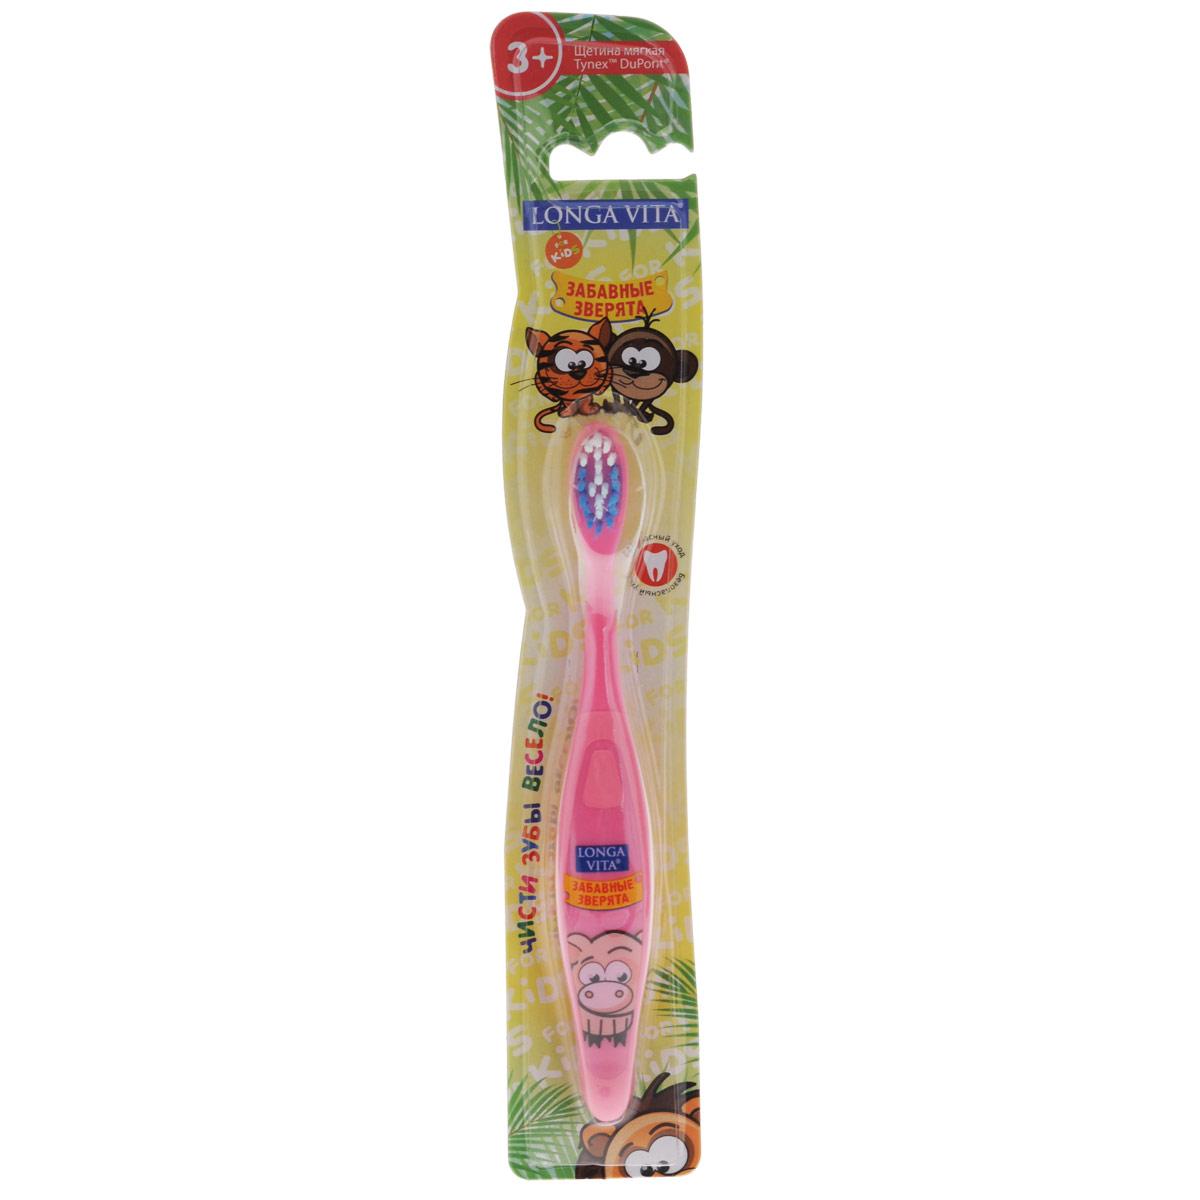 Детская зубная щетка Longa Vita Забавные зверята, цвет: розовый115552 розовыйДетская зубная щетка Longa Vita Забавные зверята идеальна для детского ротика. Щетка имеет эргономичную ручку с противоскользящей поверхностью, небольшую чистящую головку и цветовое поле мягкой щетины для оптимального дозирования пасты. Ручка оформлена изображением хрюшки.